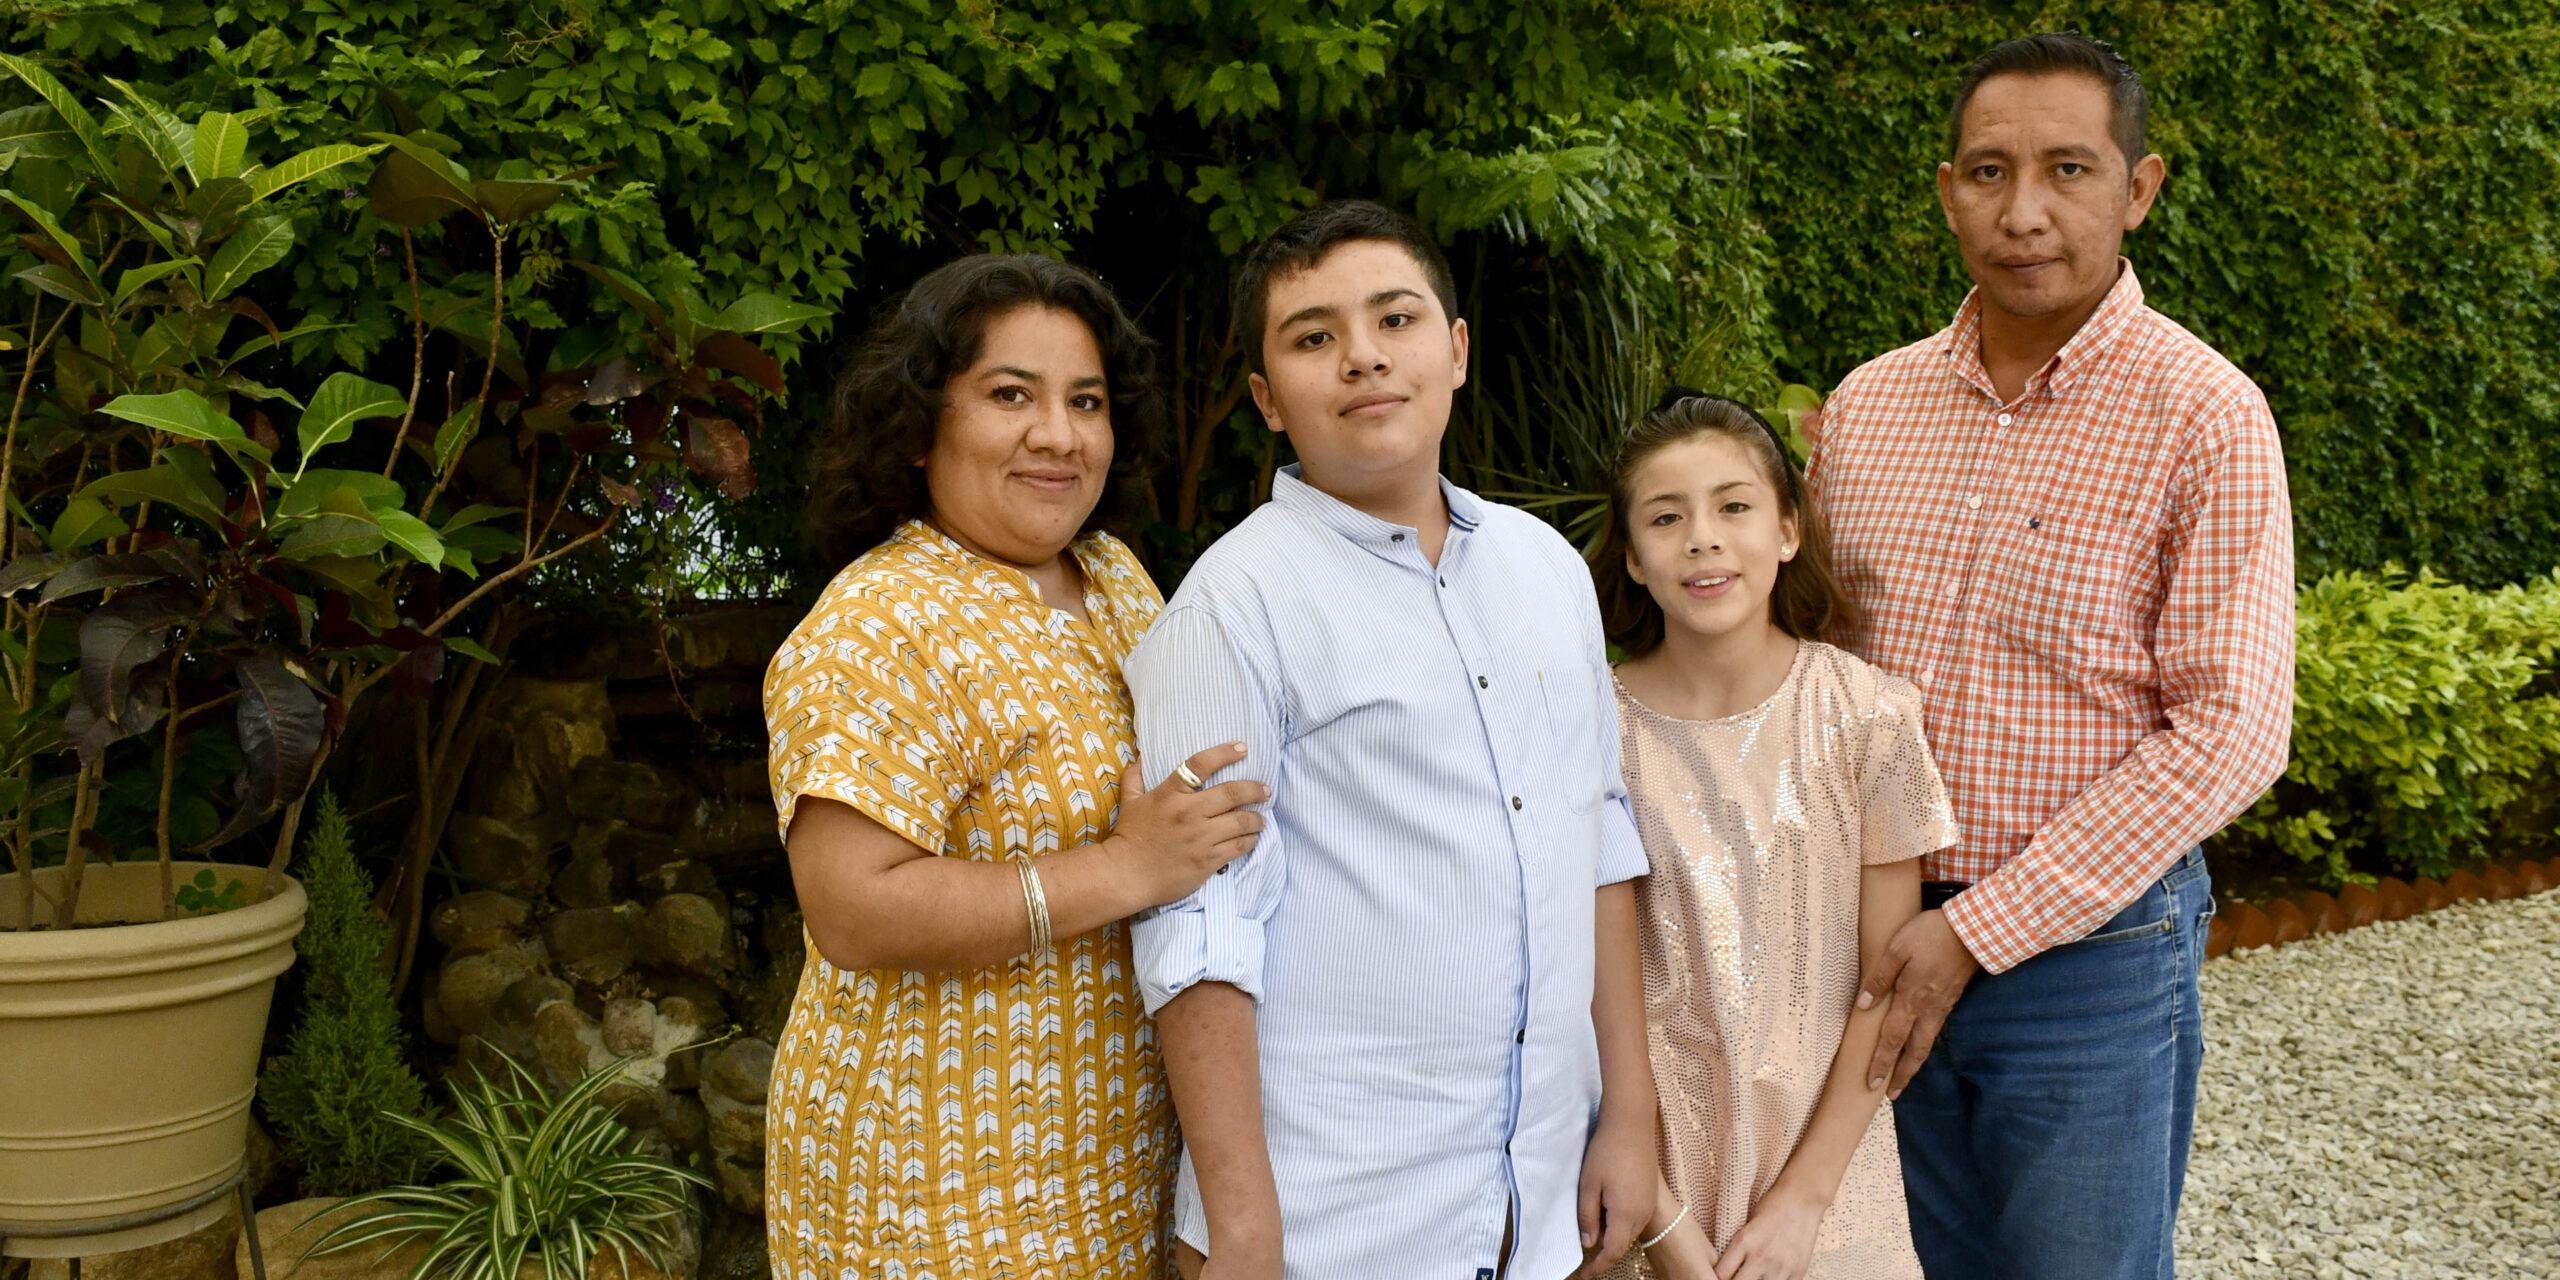 Reciben la confirmación | El Imparcial de Oaxaca